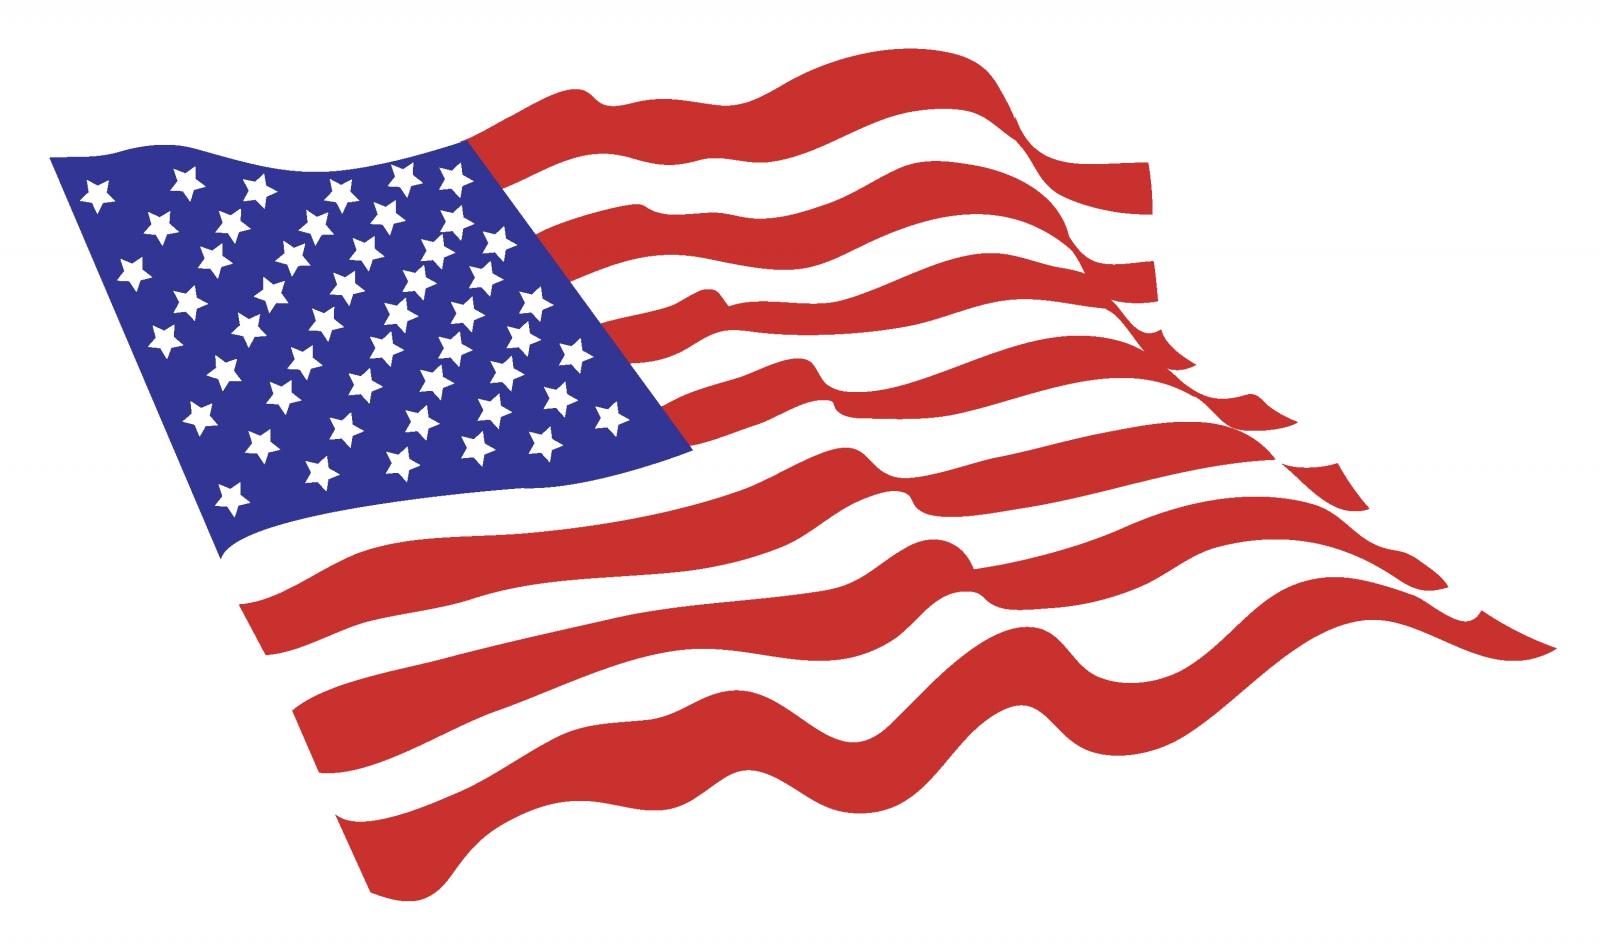 USA Flag flying